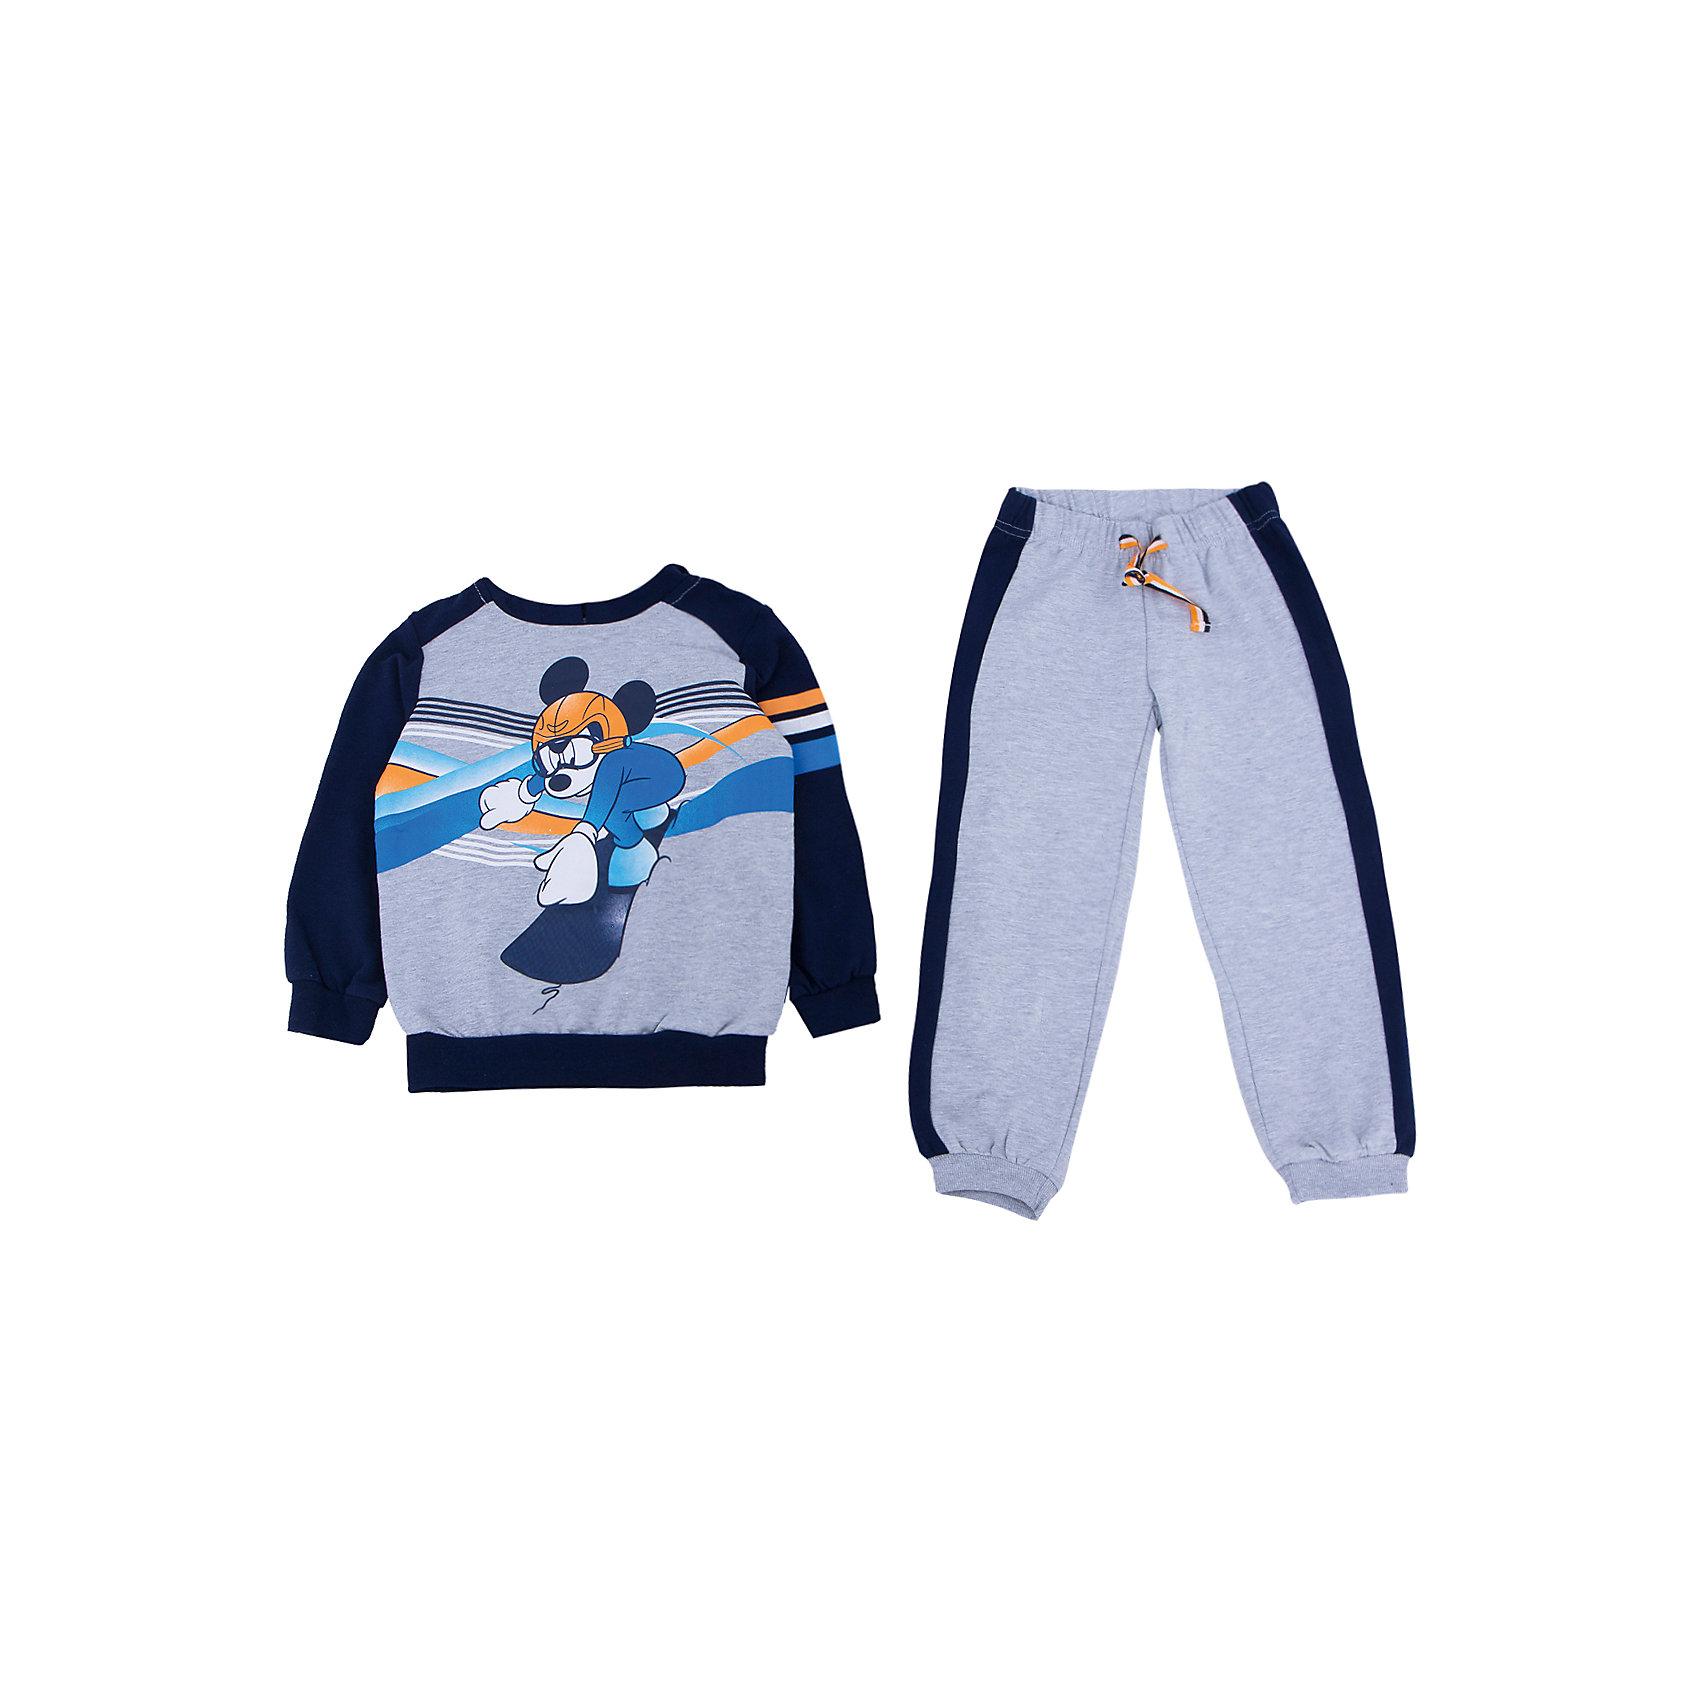 Комплект: толстовка и брюки для мальчика PlayTodayКомплекты<br>Комплект: толстовка и брюки для мальчика от известного бренда PlayToday.<br>Уютный комплект из толстовки и брюк в спортивном стиле. <br>Толстовка украшена лицензионным диснеевским принтом с забавным Микки-Маусом. Рукава и низ на широкой трикотажной резинке, есть капюшон.<br>Пояс брюк на мягкой резинке, дополнительно утягивается яркой тесьмой. По бокам контрастные темно-синие лампасы. Низ штанишек на широкой трикотажной резинке. <br>Состав:<br>80% хлопок, 20% полиэстер<br><br>Ширина мм: 215<br>Глубина мм: 88<br>Высота мм: 191<br>Вес г: 336<br>Цвет: синий<br>Возраст от месяцев: 72<br>Возраст до месяцев: 84<br>Пол: Мужской<br>Возраст: Детский<br>Размер: 122,134,128,116,110,104,98,140<br>SKU: 4897877